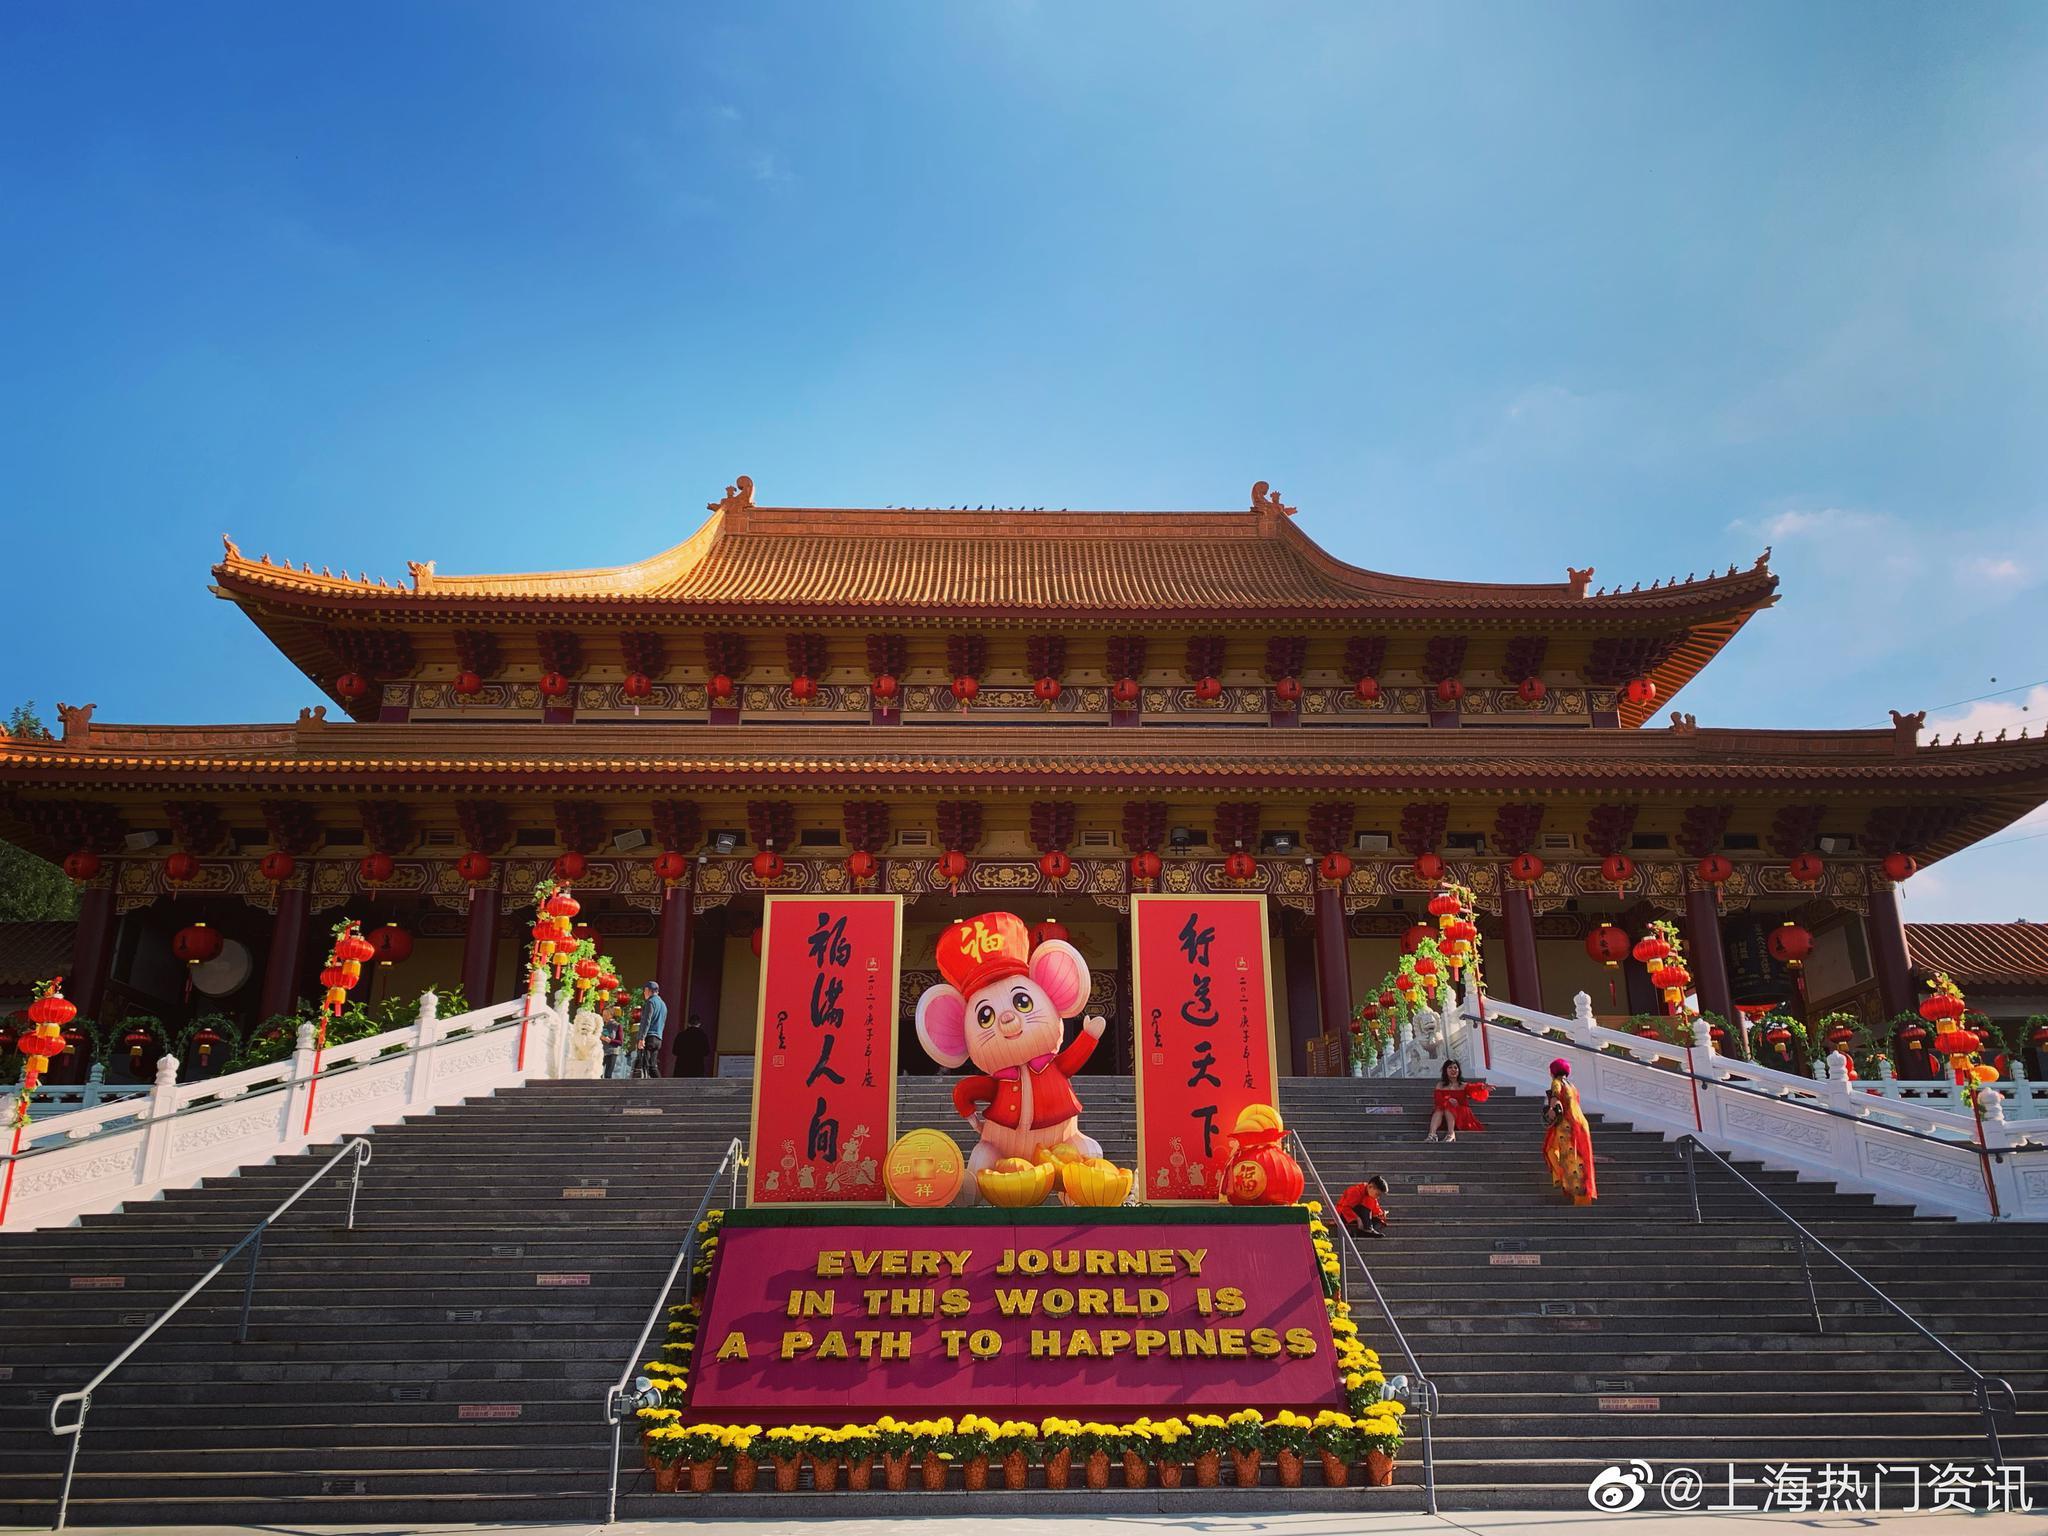 洛杉矶佛光山西来寺,西半球最大的汉传佛教寺庙,保佑国泰民安